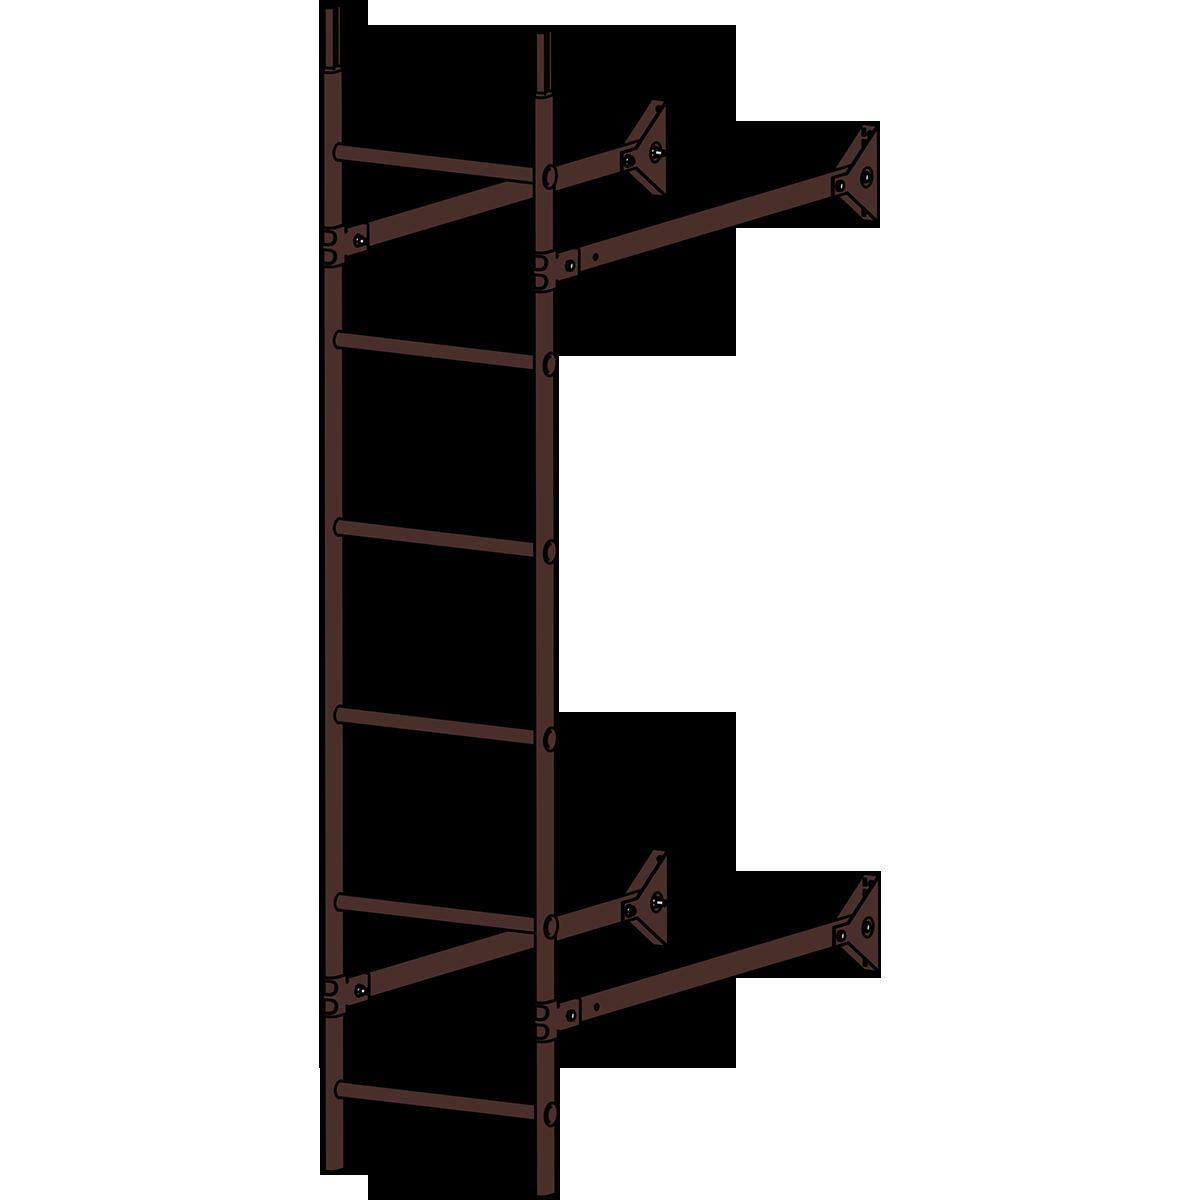 Лестница стеновая ROOFSYSTEMS ELITE 400 1,8 м RAL 8017 Коричневый шоколад